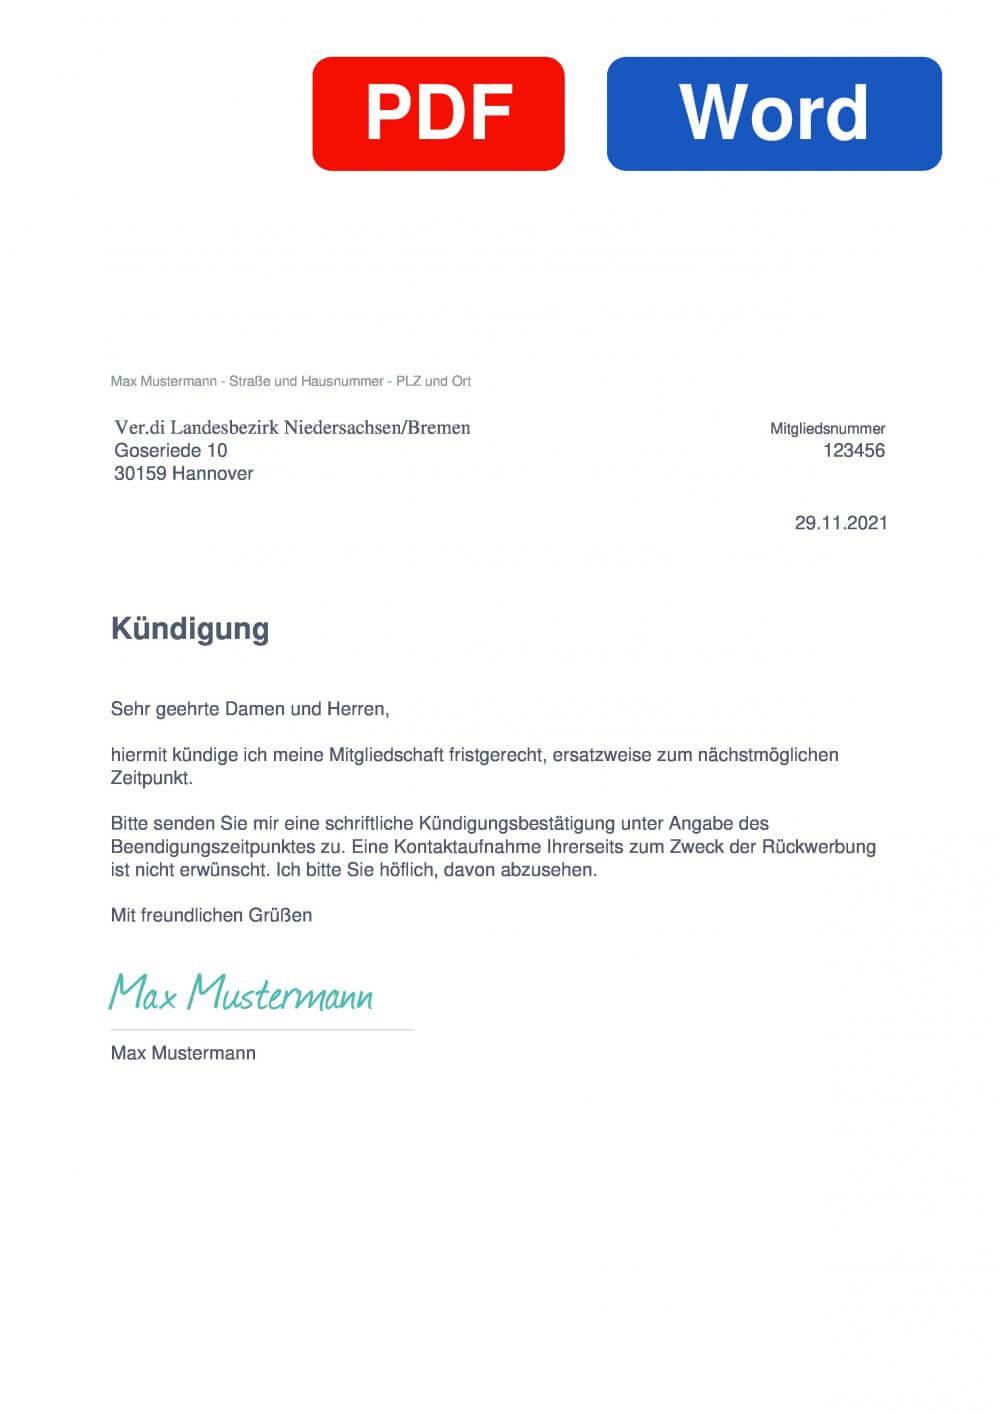 Verdi Landesbezirk Niedersachsen/Bremen Muster Vorlage für Kündigungsschreiben